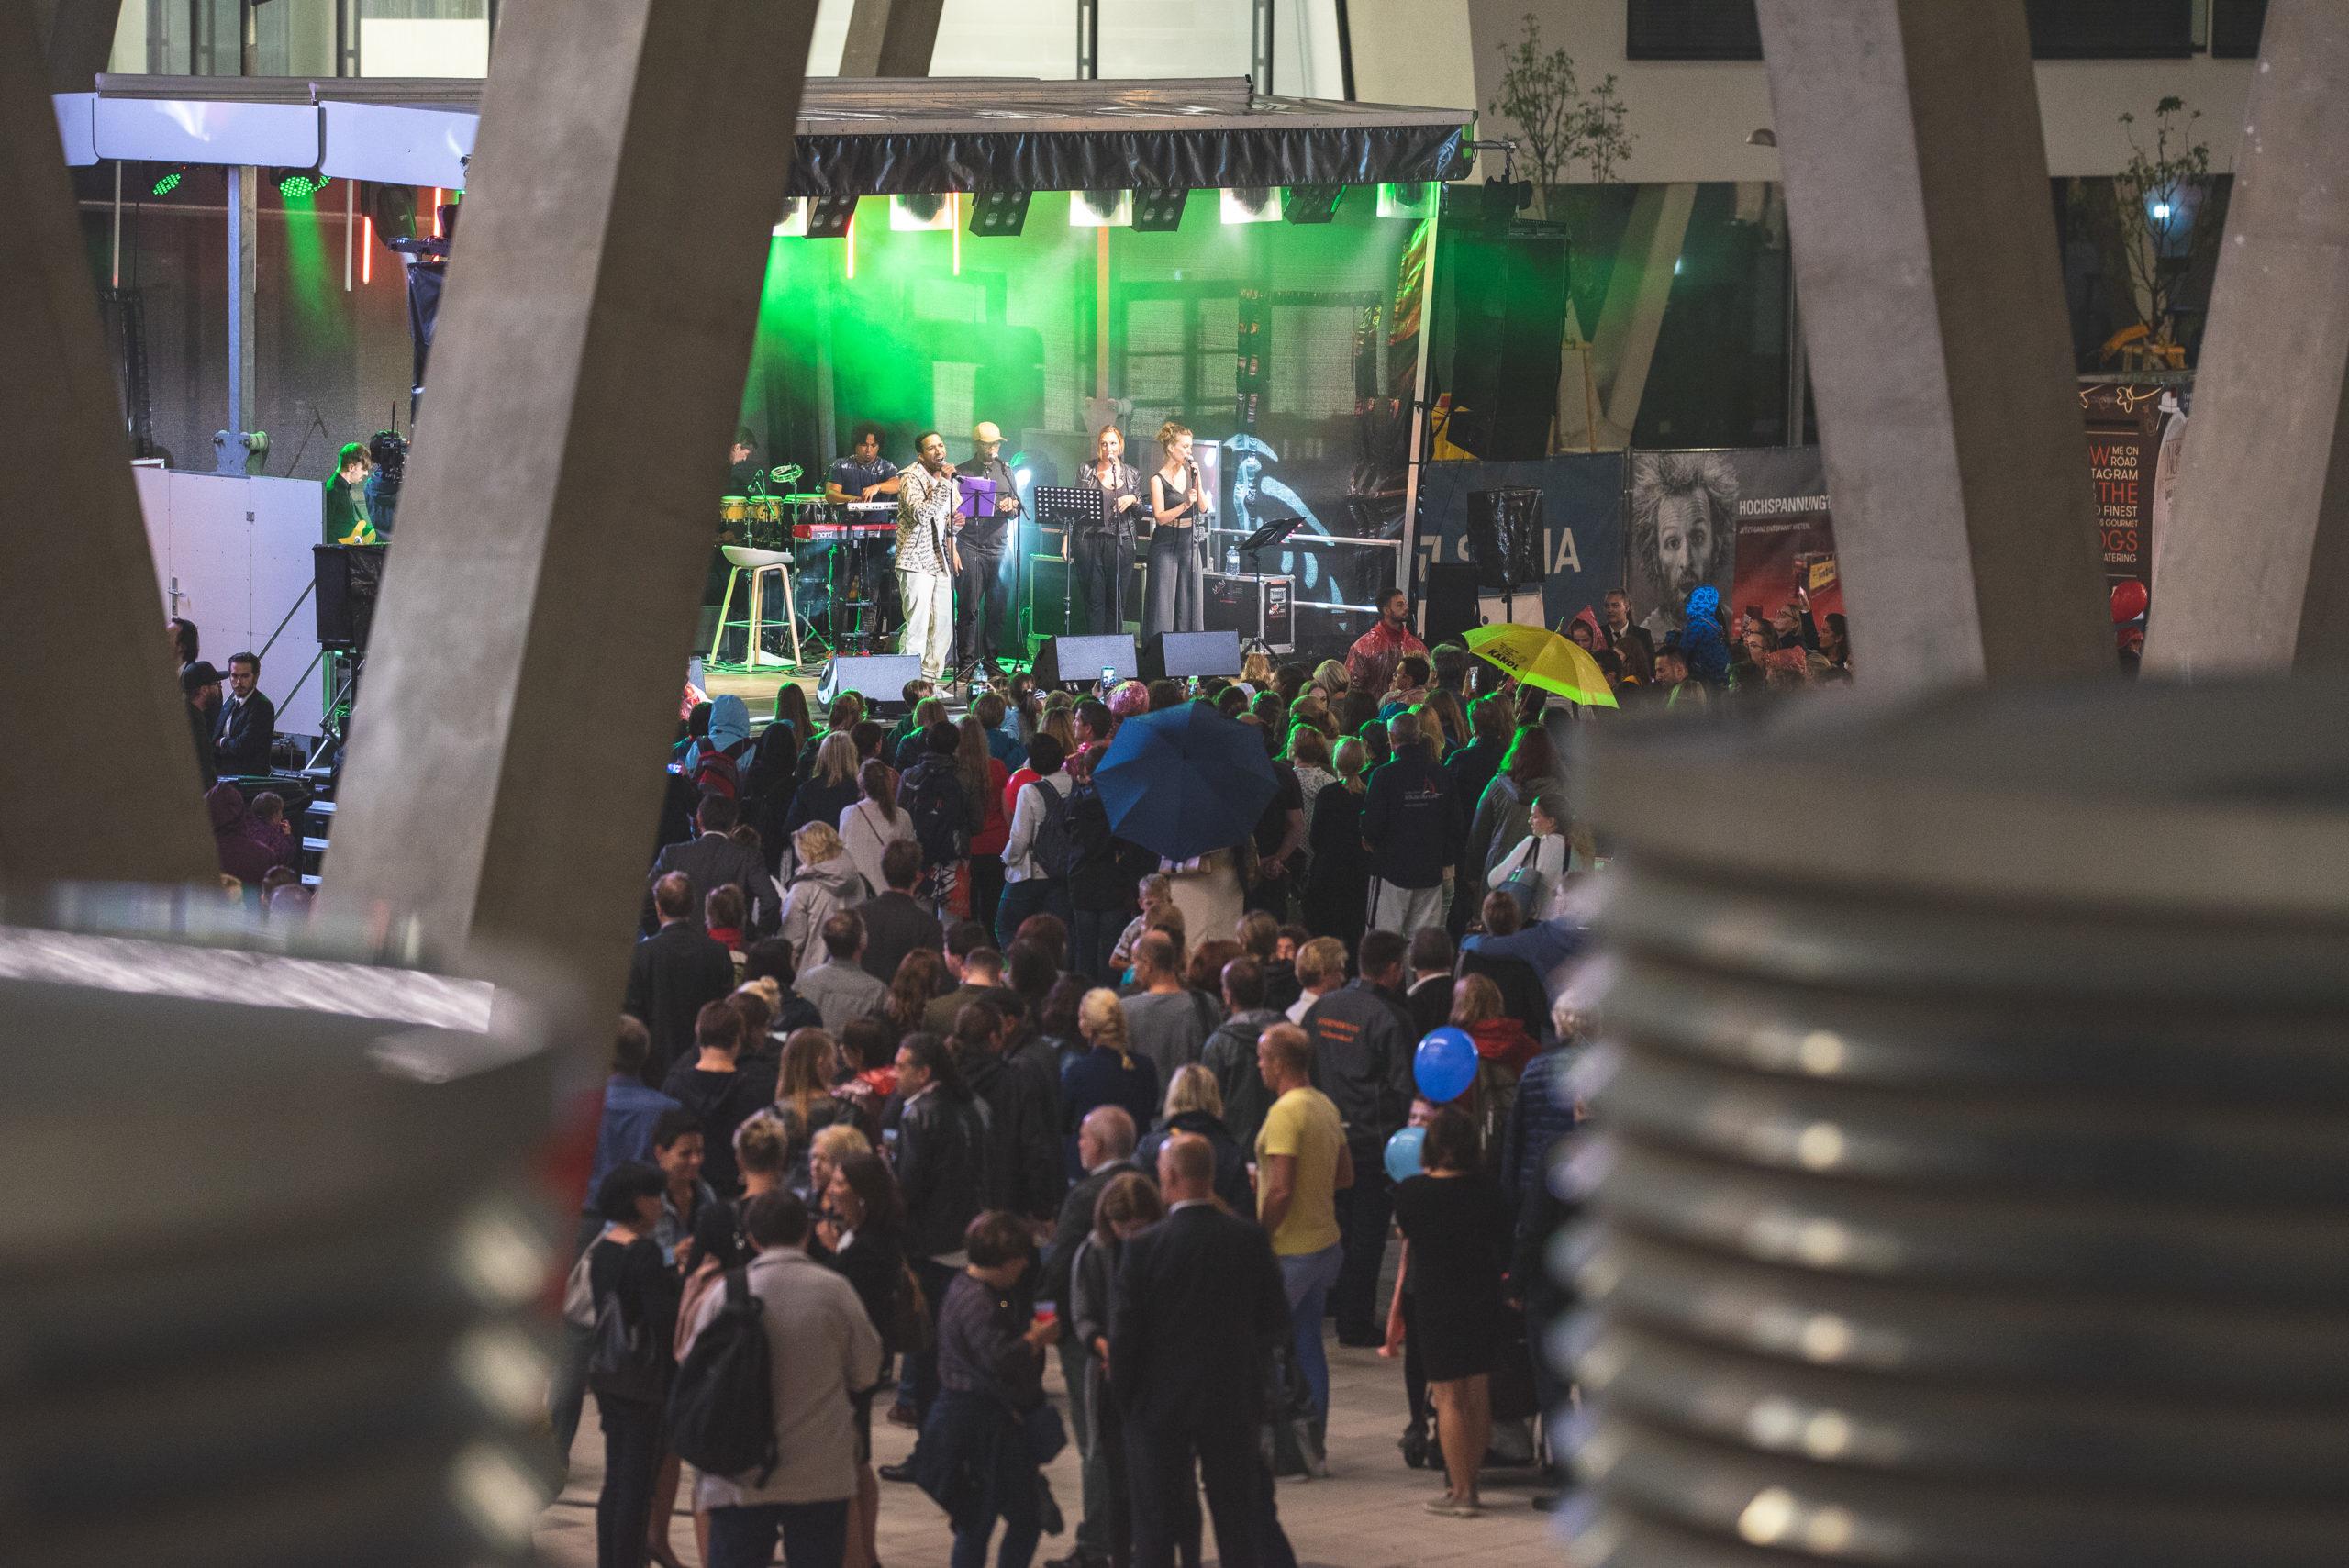 Bühnenprogramm bei Austria Campus Eröffnung - Zeitgeist events & PR